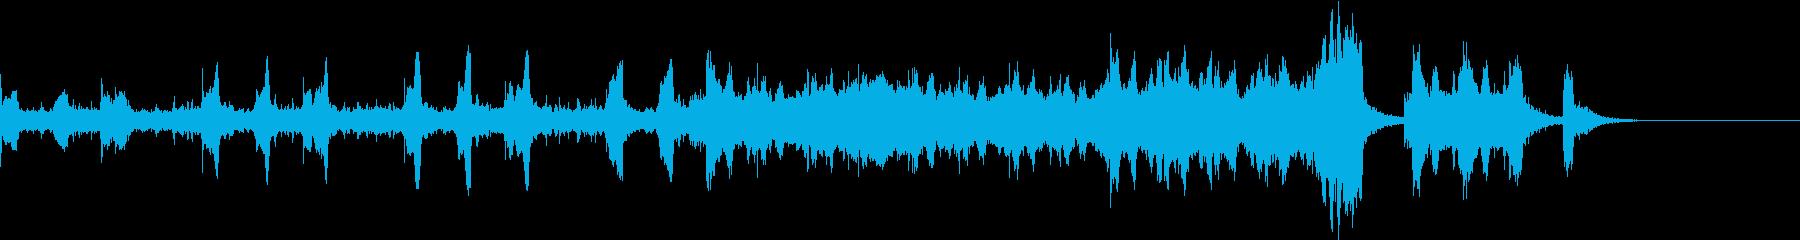 ジングルや映画予告編にストリングスBGMの再生済みの波形